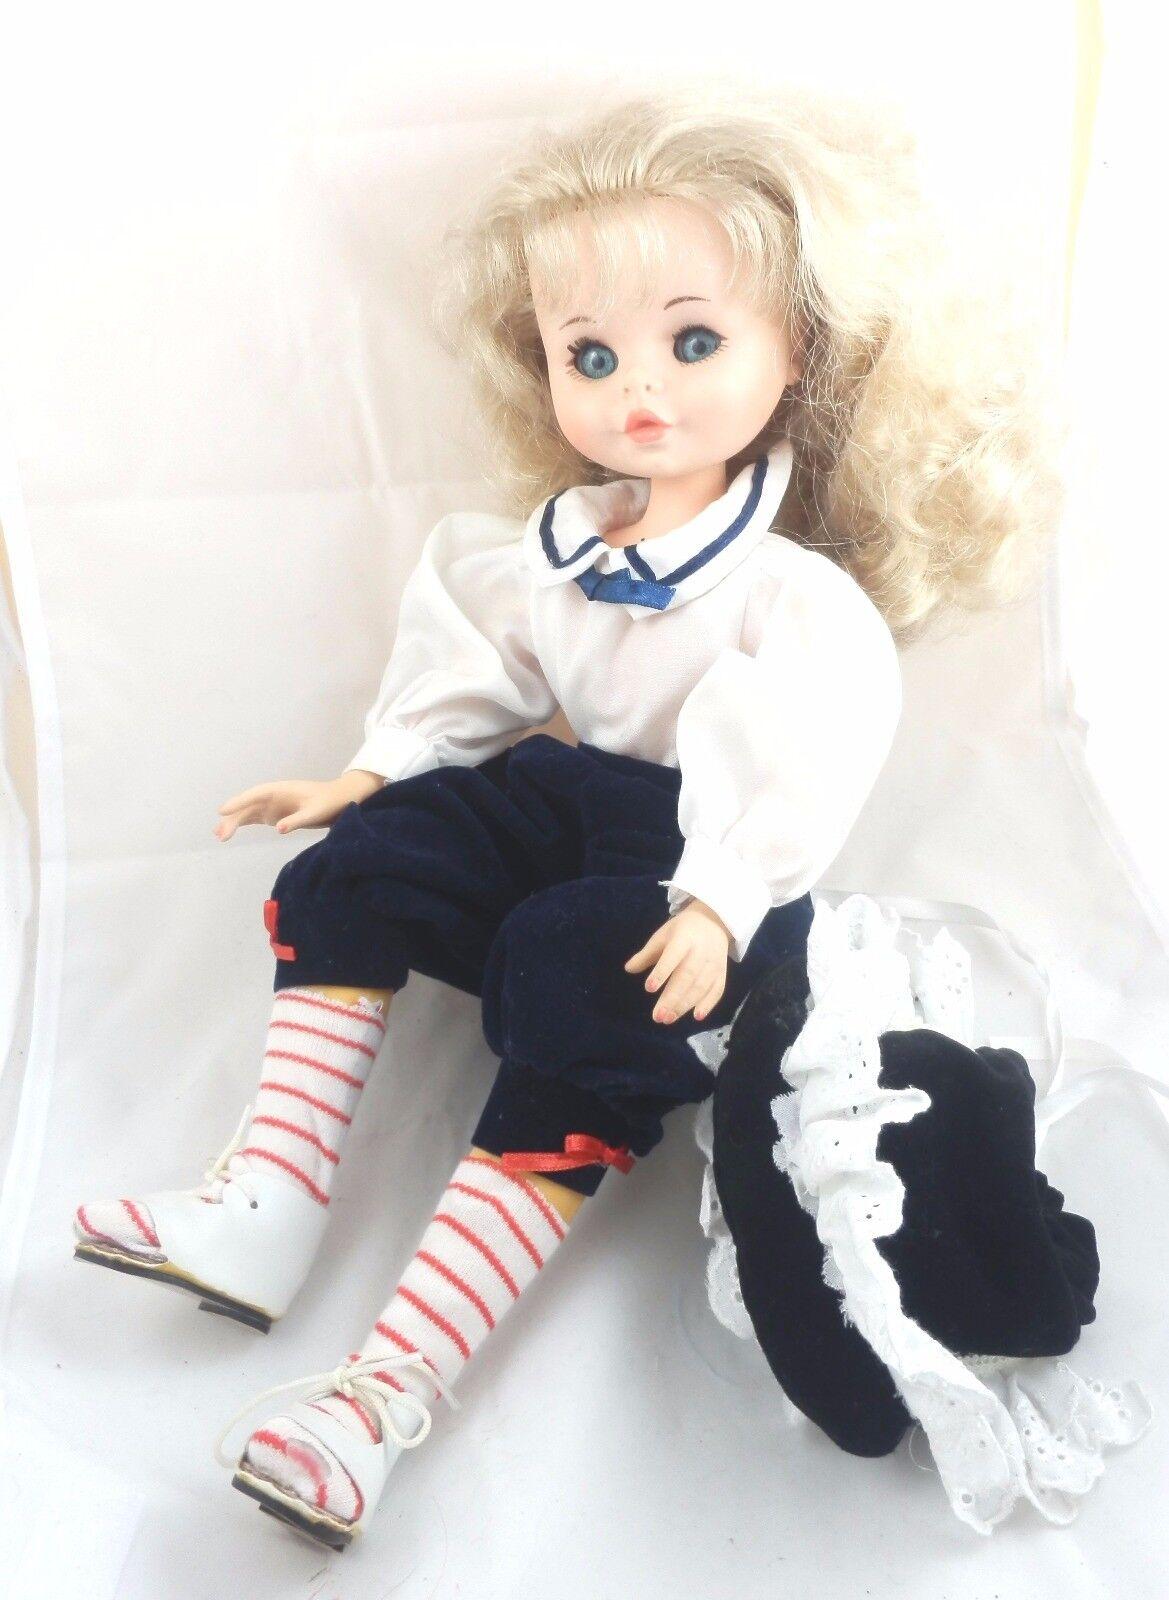 Rara Peggy Pritty Alta Moda Furga bambola Poupee Puppen Vintage Antico Muneca